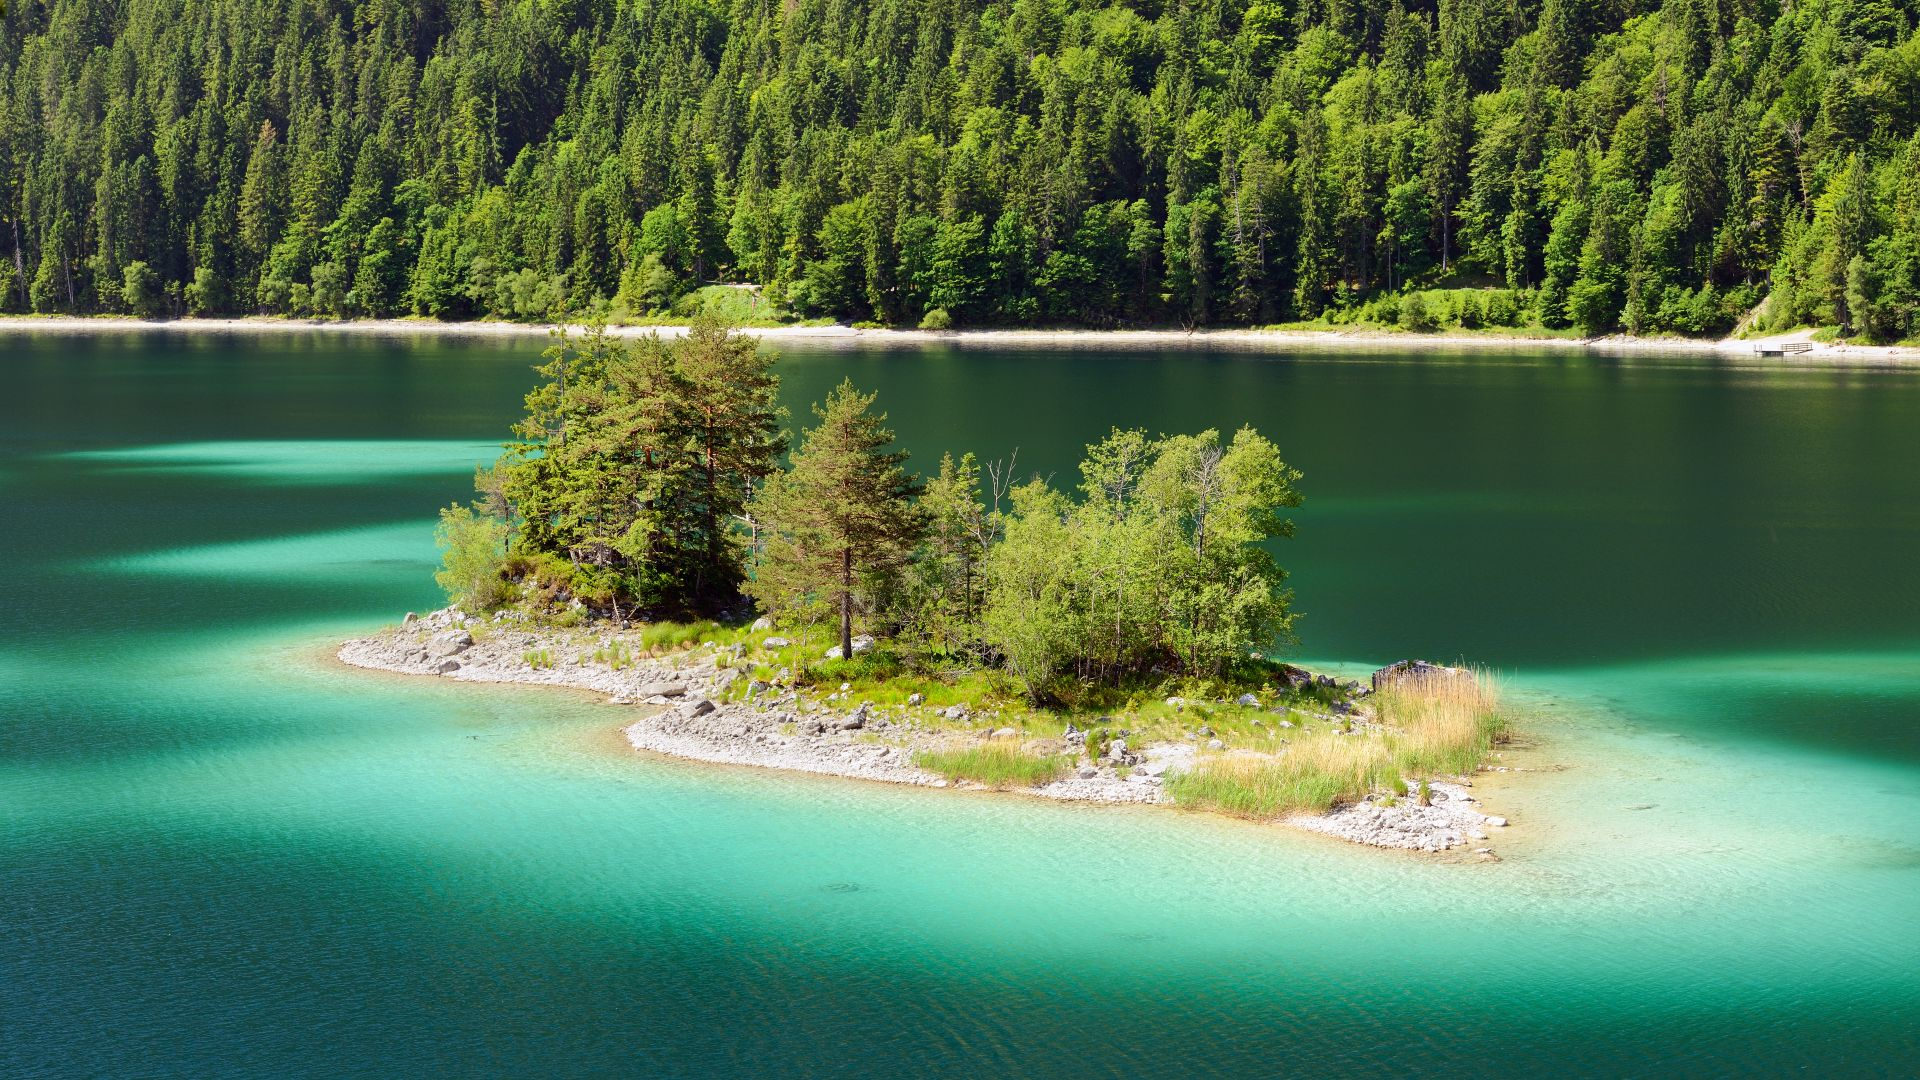 Garmisch-Partenkirchen: Eibsee